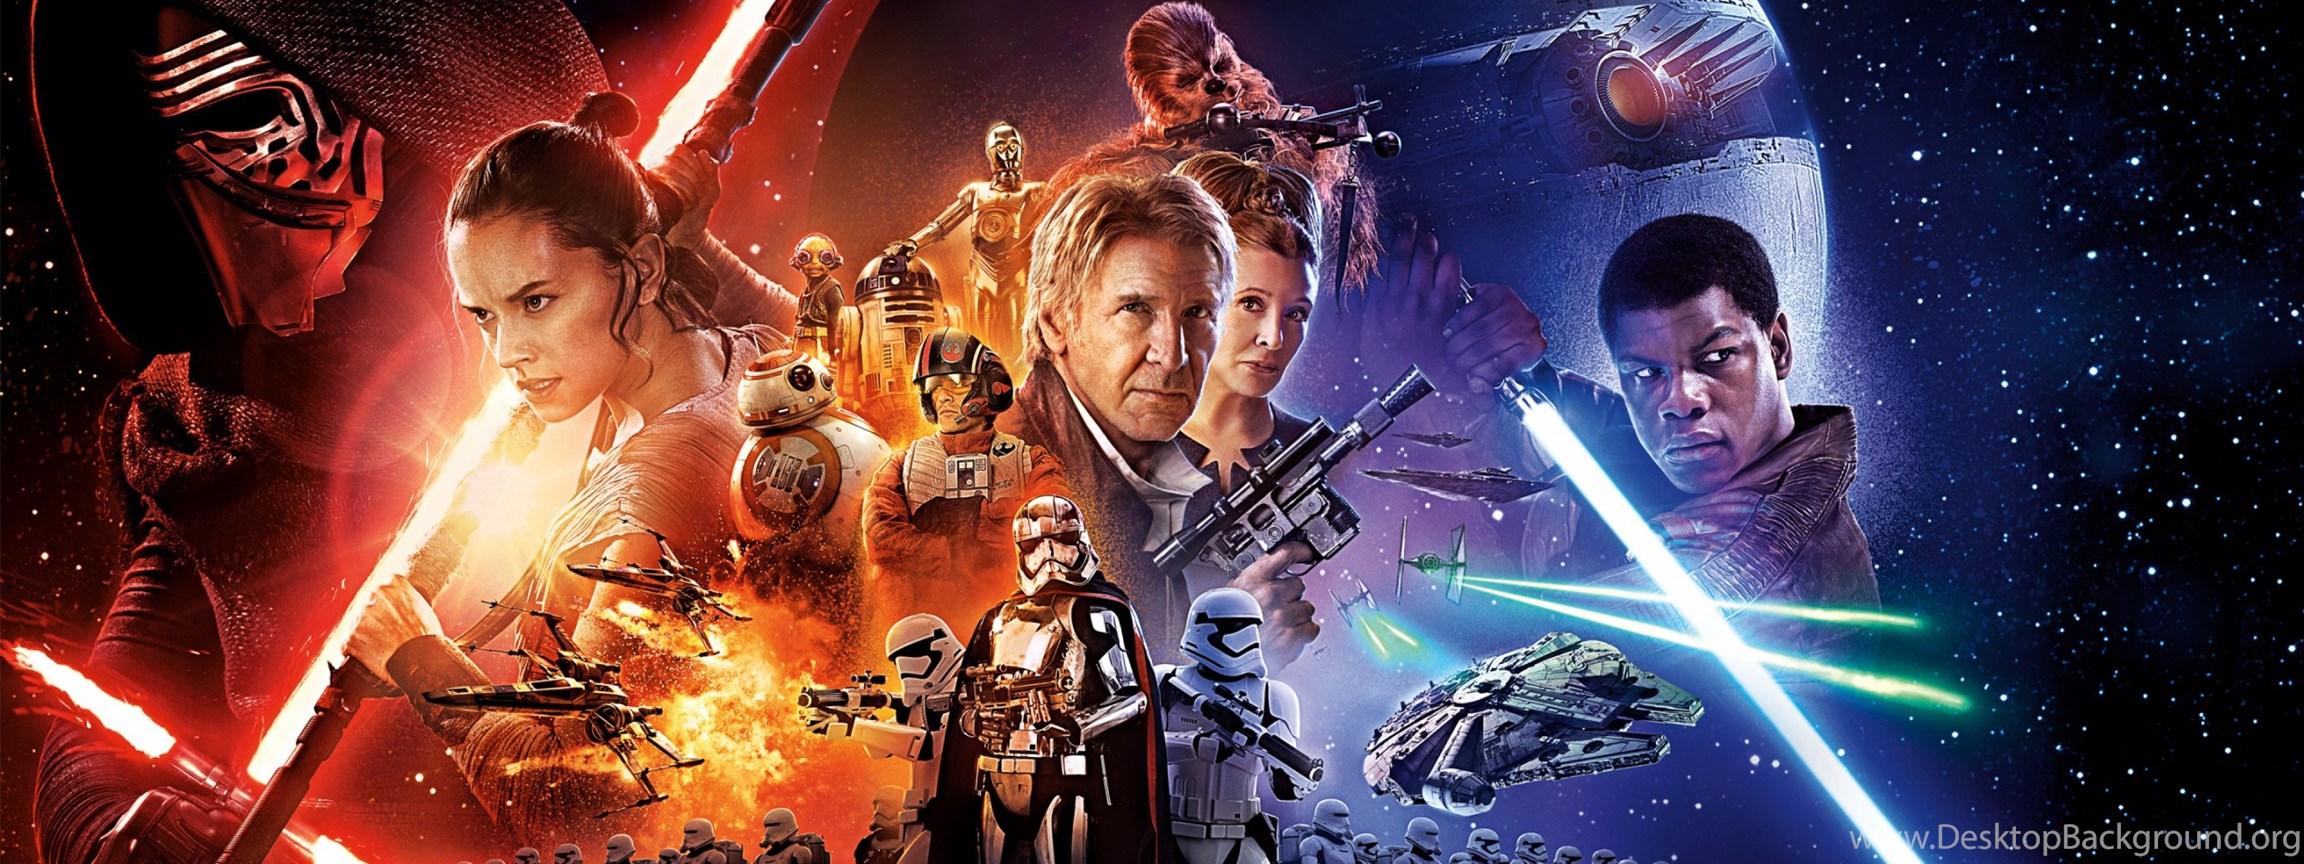 4k Ultra Hd Star Wars Wallpapers Hd Desktop Backgrounds 3840x2160 Desktop Background